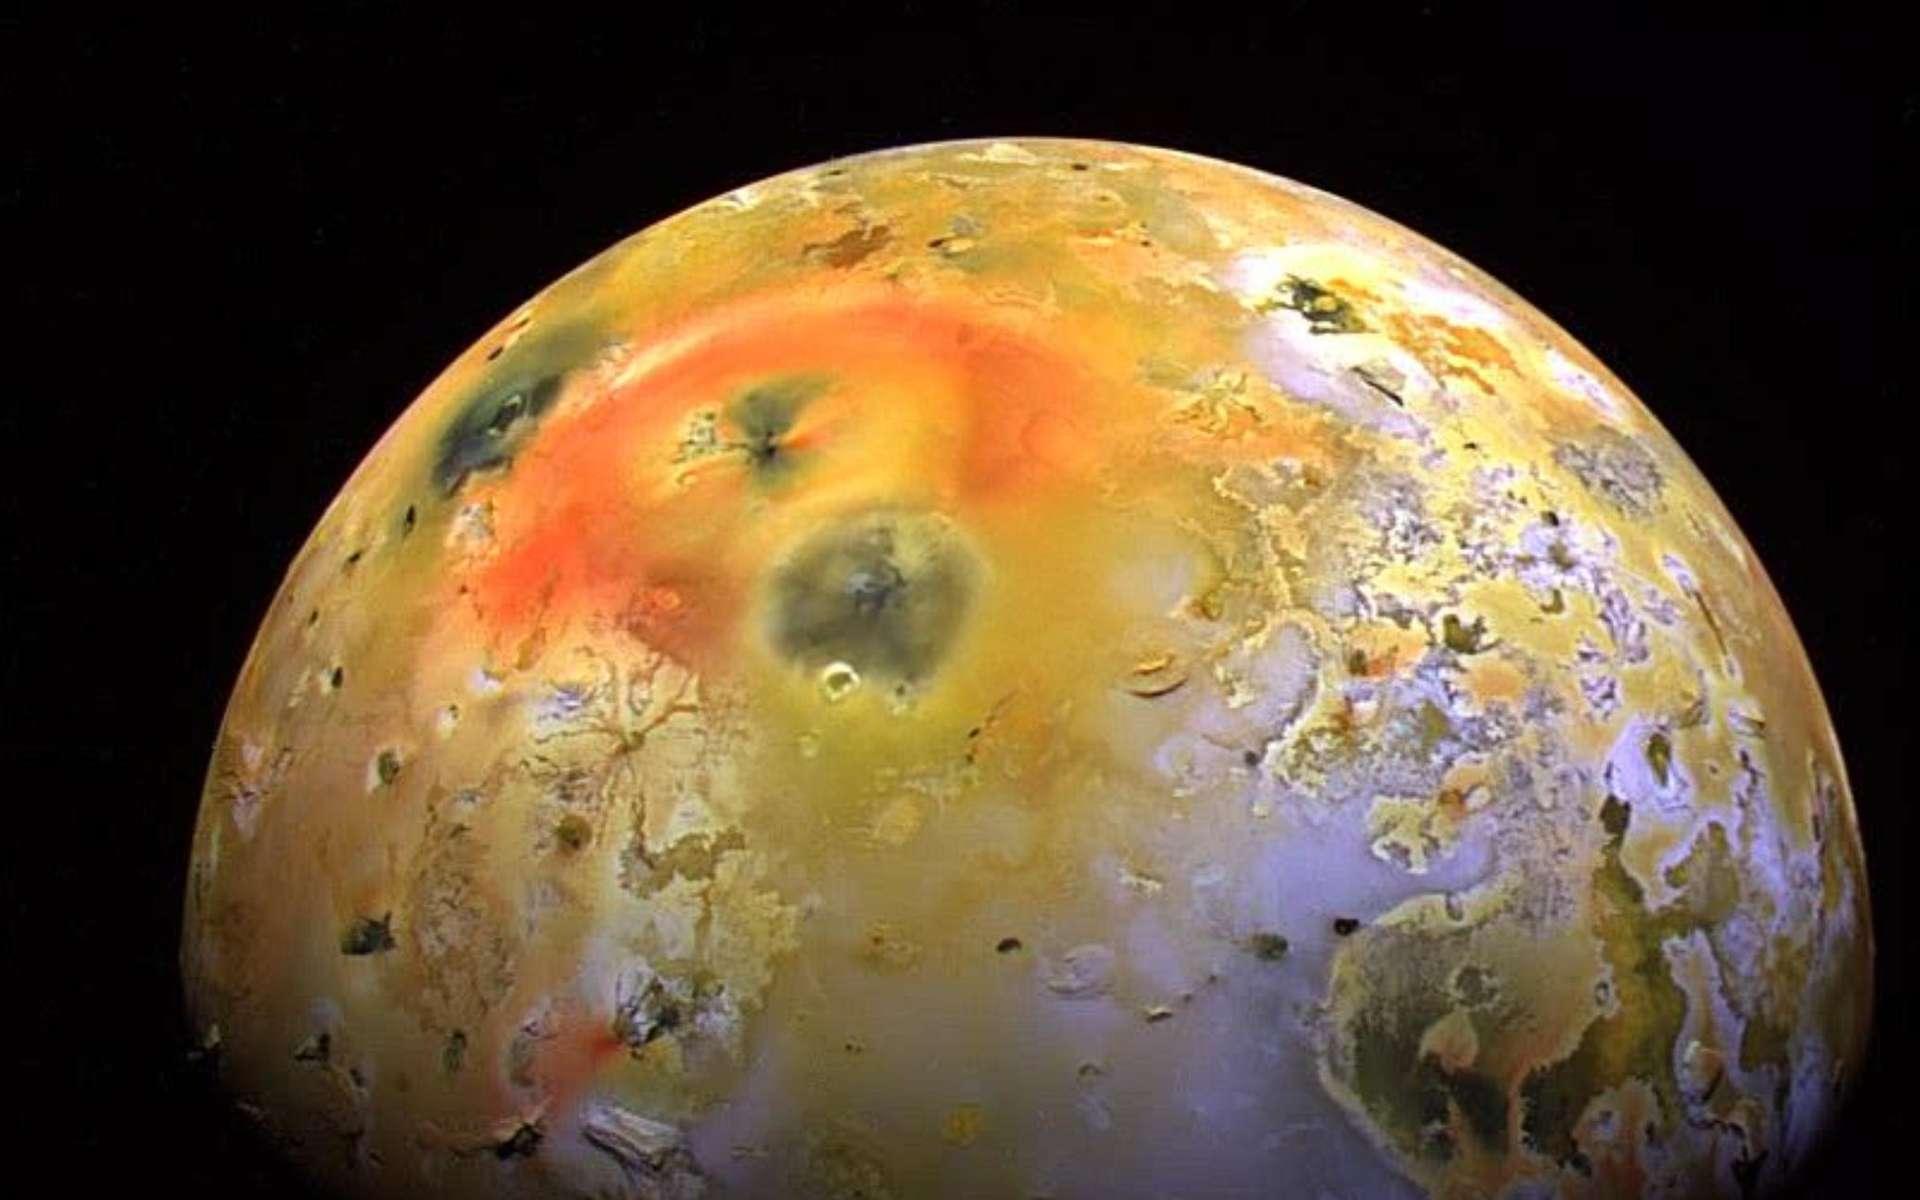 Cette photographie prise par la sonde Galileo montre la tache sombre produite par une éruption à Pillan Patera en 1997. Pillan Patera est une caldeira volcanique d'un diamètre d'environ 73 km nommée d'après le dieu du tonnerre, du feu, et des volcans des Indiens mapuches dans les Andes. Au cours de l'été 1997, une éruption accompagnée de laves à des températures supérieures à 1.600 °C, avec un panache de 140 km de haut, a déposé un matériel pyroclastique noir riche en orthopyroxène sur une zone supérieure à 125.000 km2. C'est la plus importante éruption effusive dont l'Homme a été témoin, avec au moins 31 km3 de laves émises sur une période de 100 jours. L'éruption a produit un large dépôt de matière sombre de 400 km de diamètre, qui recouvre partiellement l'anneau de dépôts couleur rouge vif entourant le volcan Pélé. © Nasa, JPL, University of Arizona